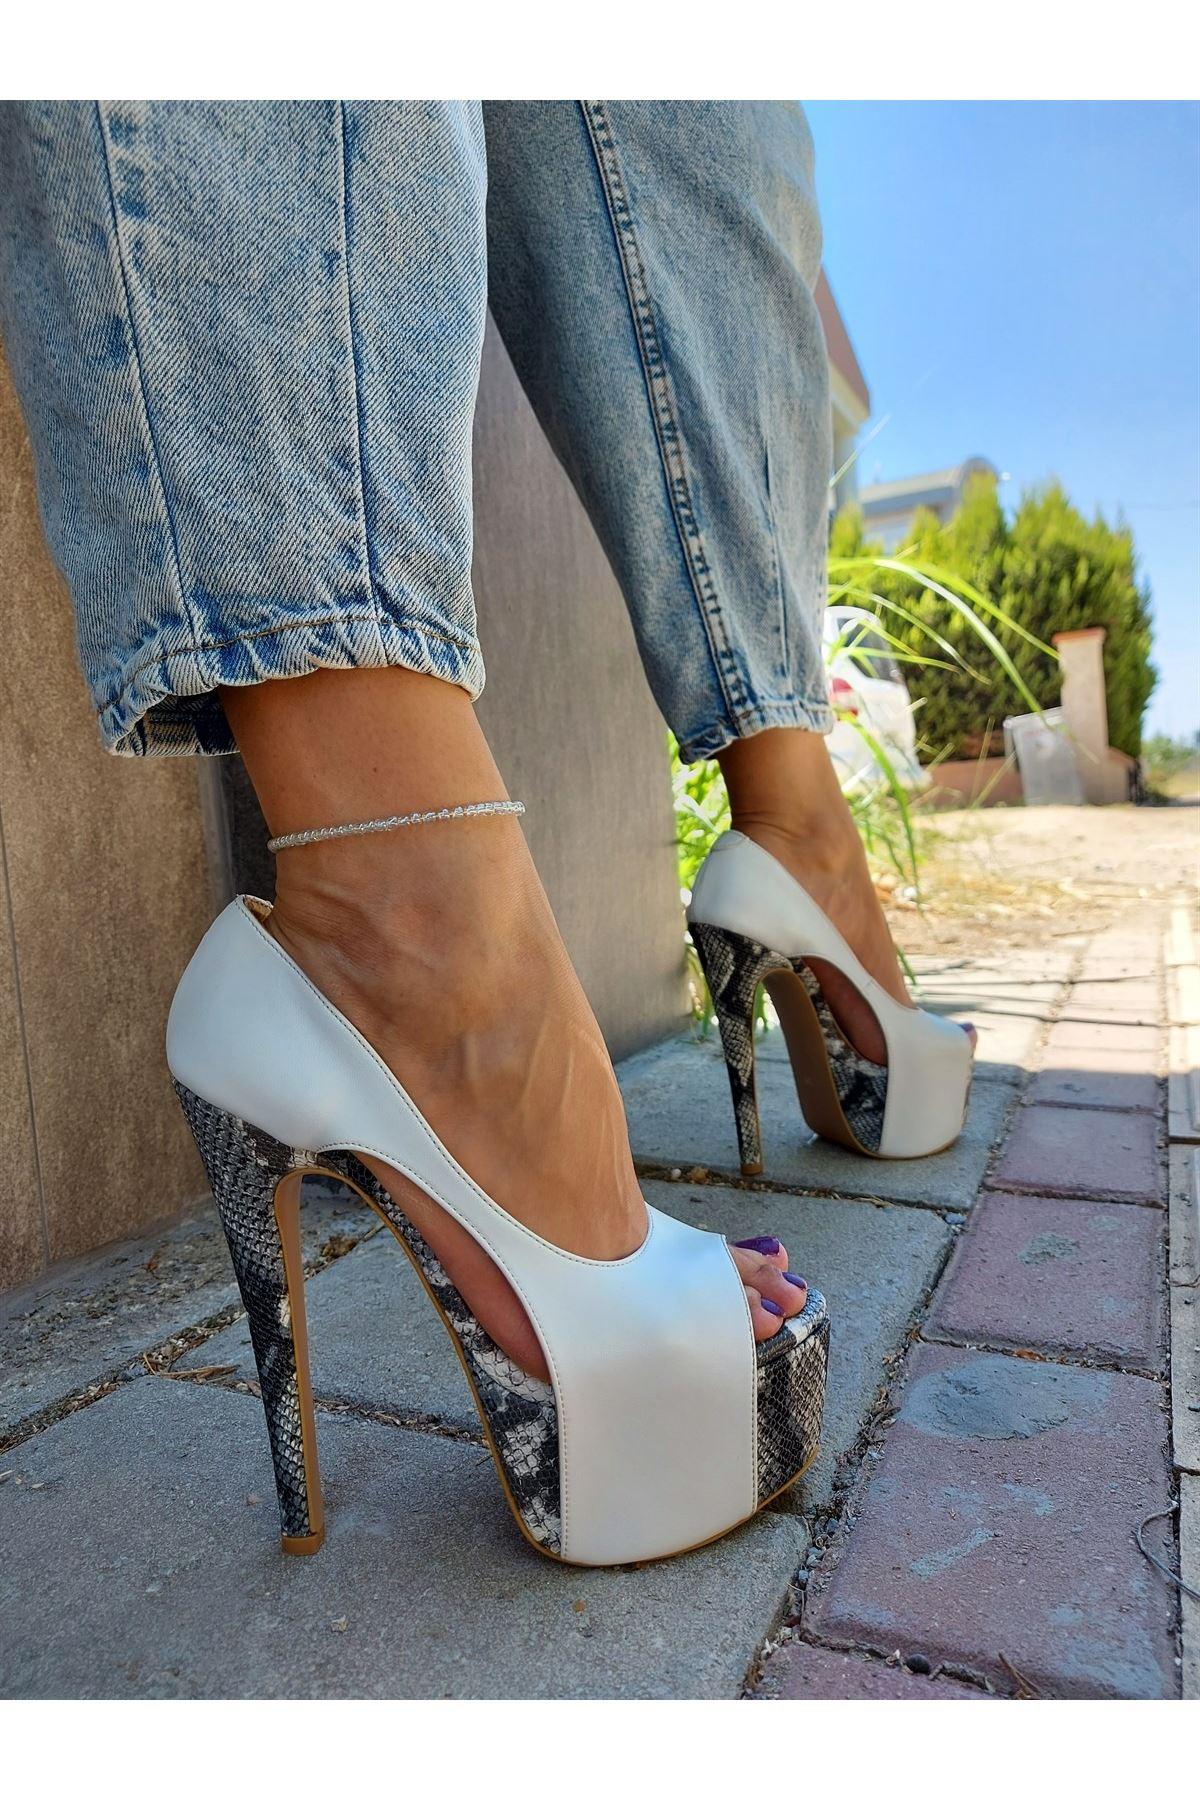 Chloe Beyaz Cilt - Yılan Desenli Yüksek Topuklu Ayakkabı